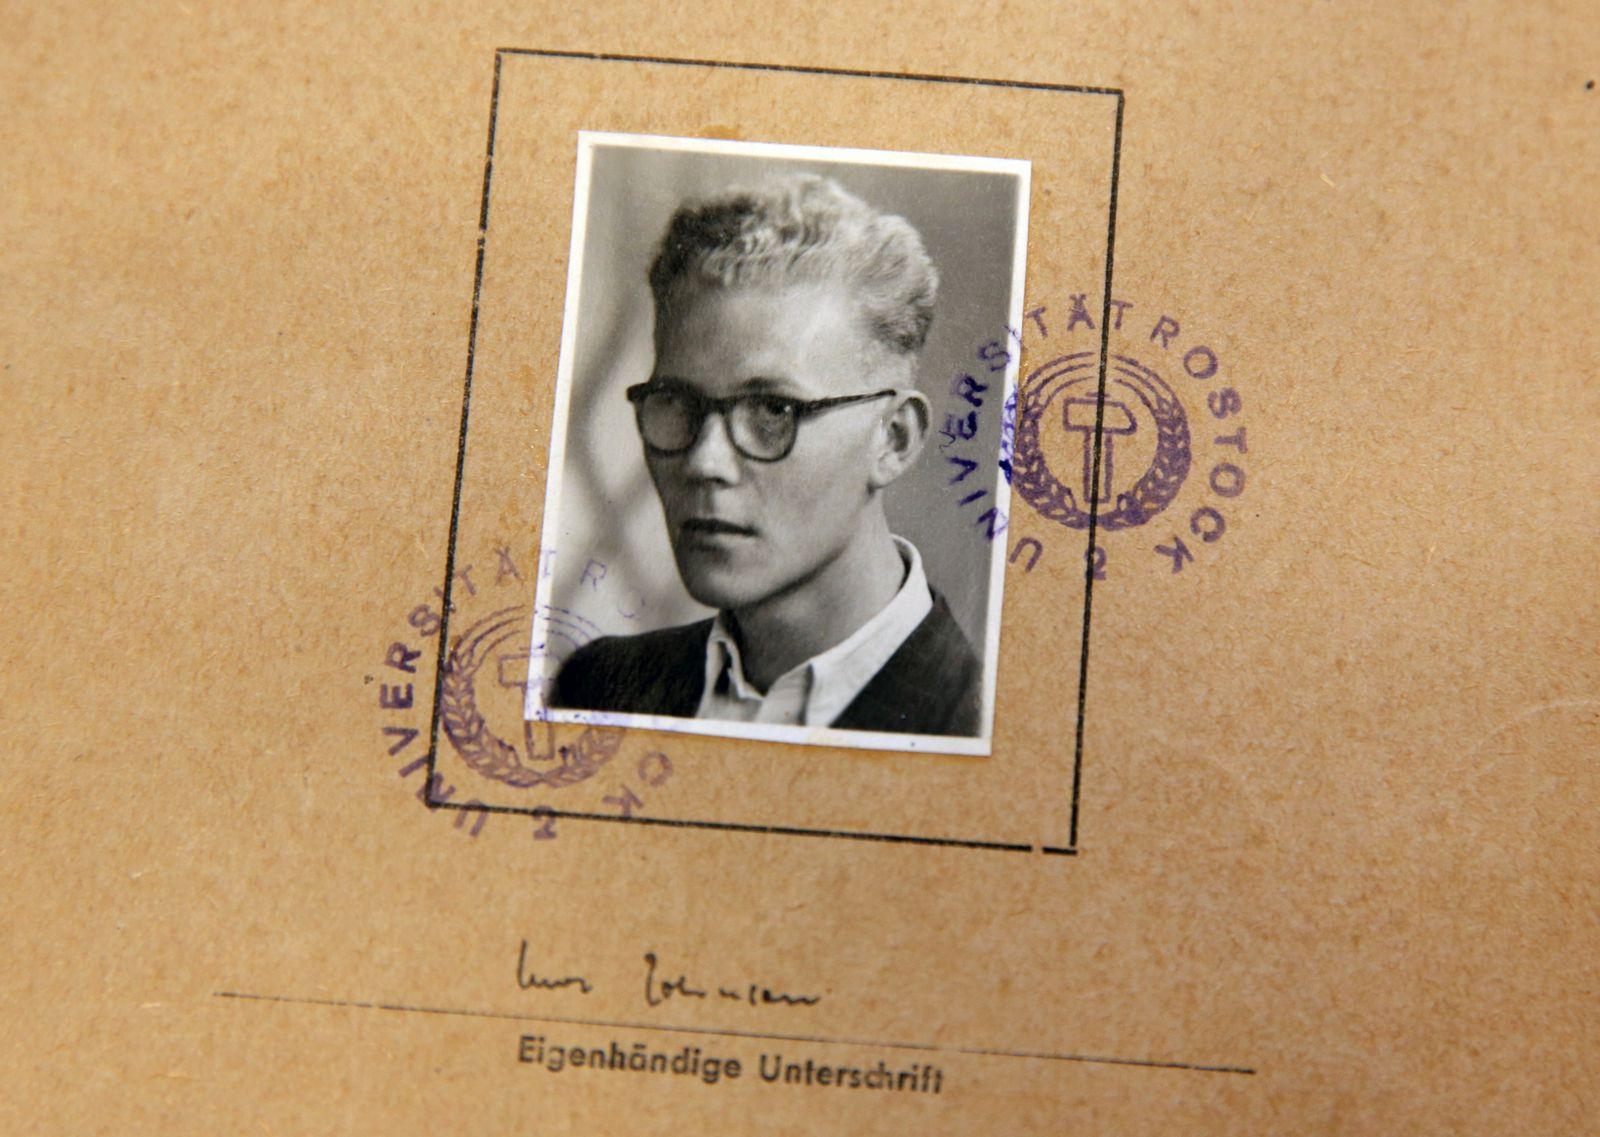 Feierliche Eröffnung des Uwe-Johnson-Archivs in Rostock